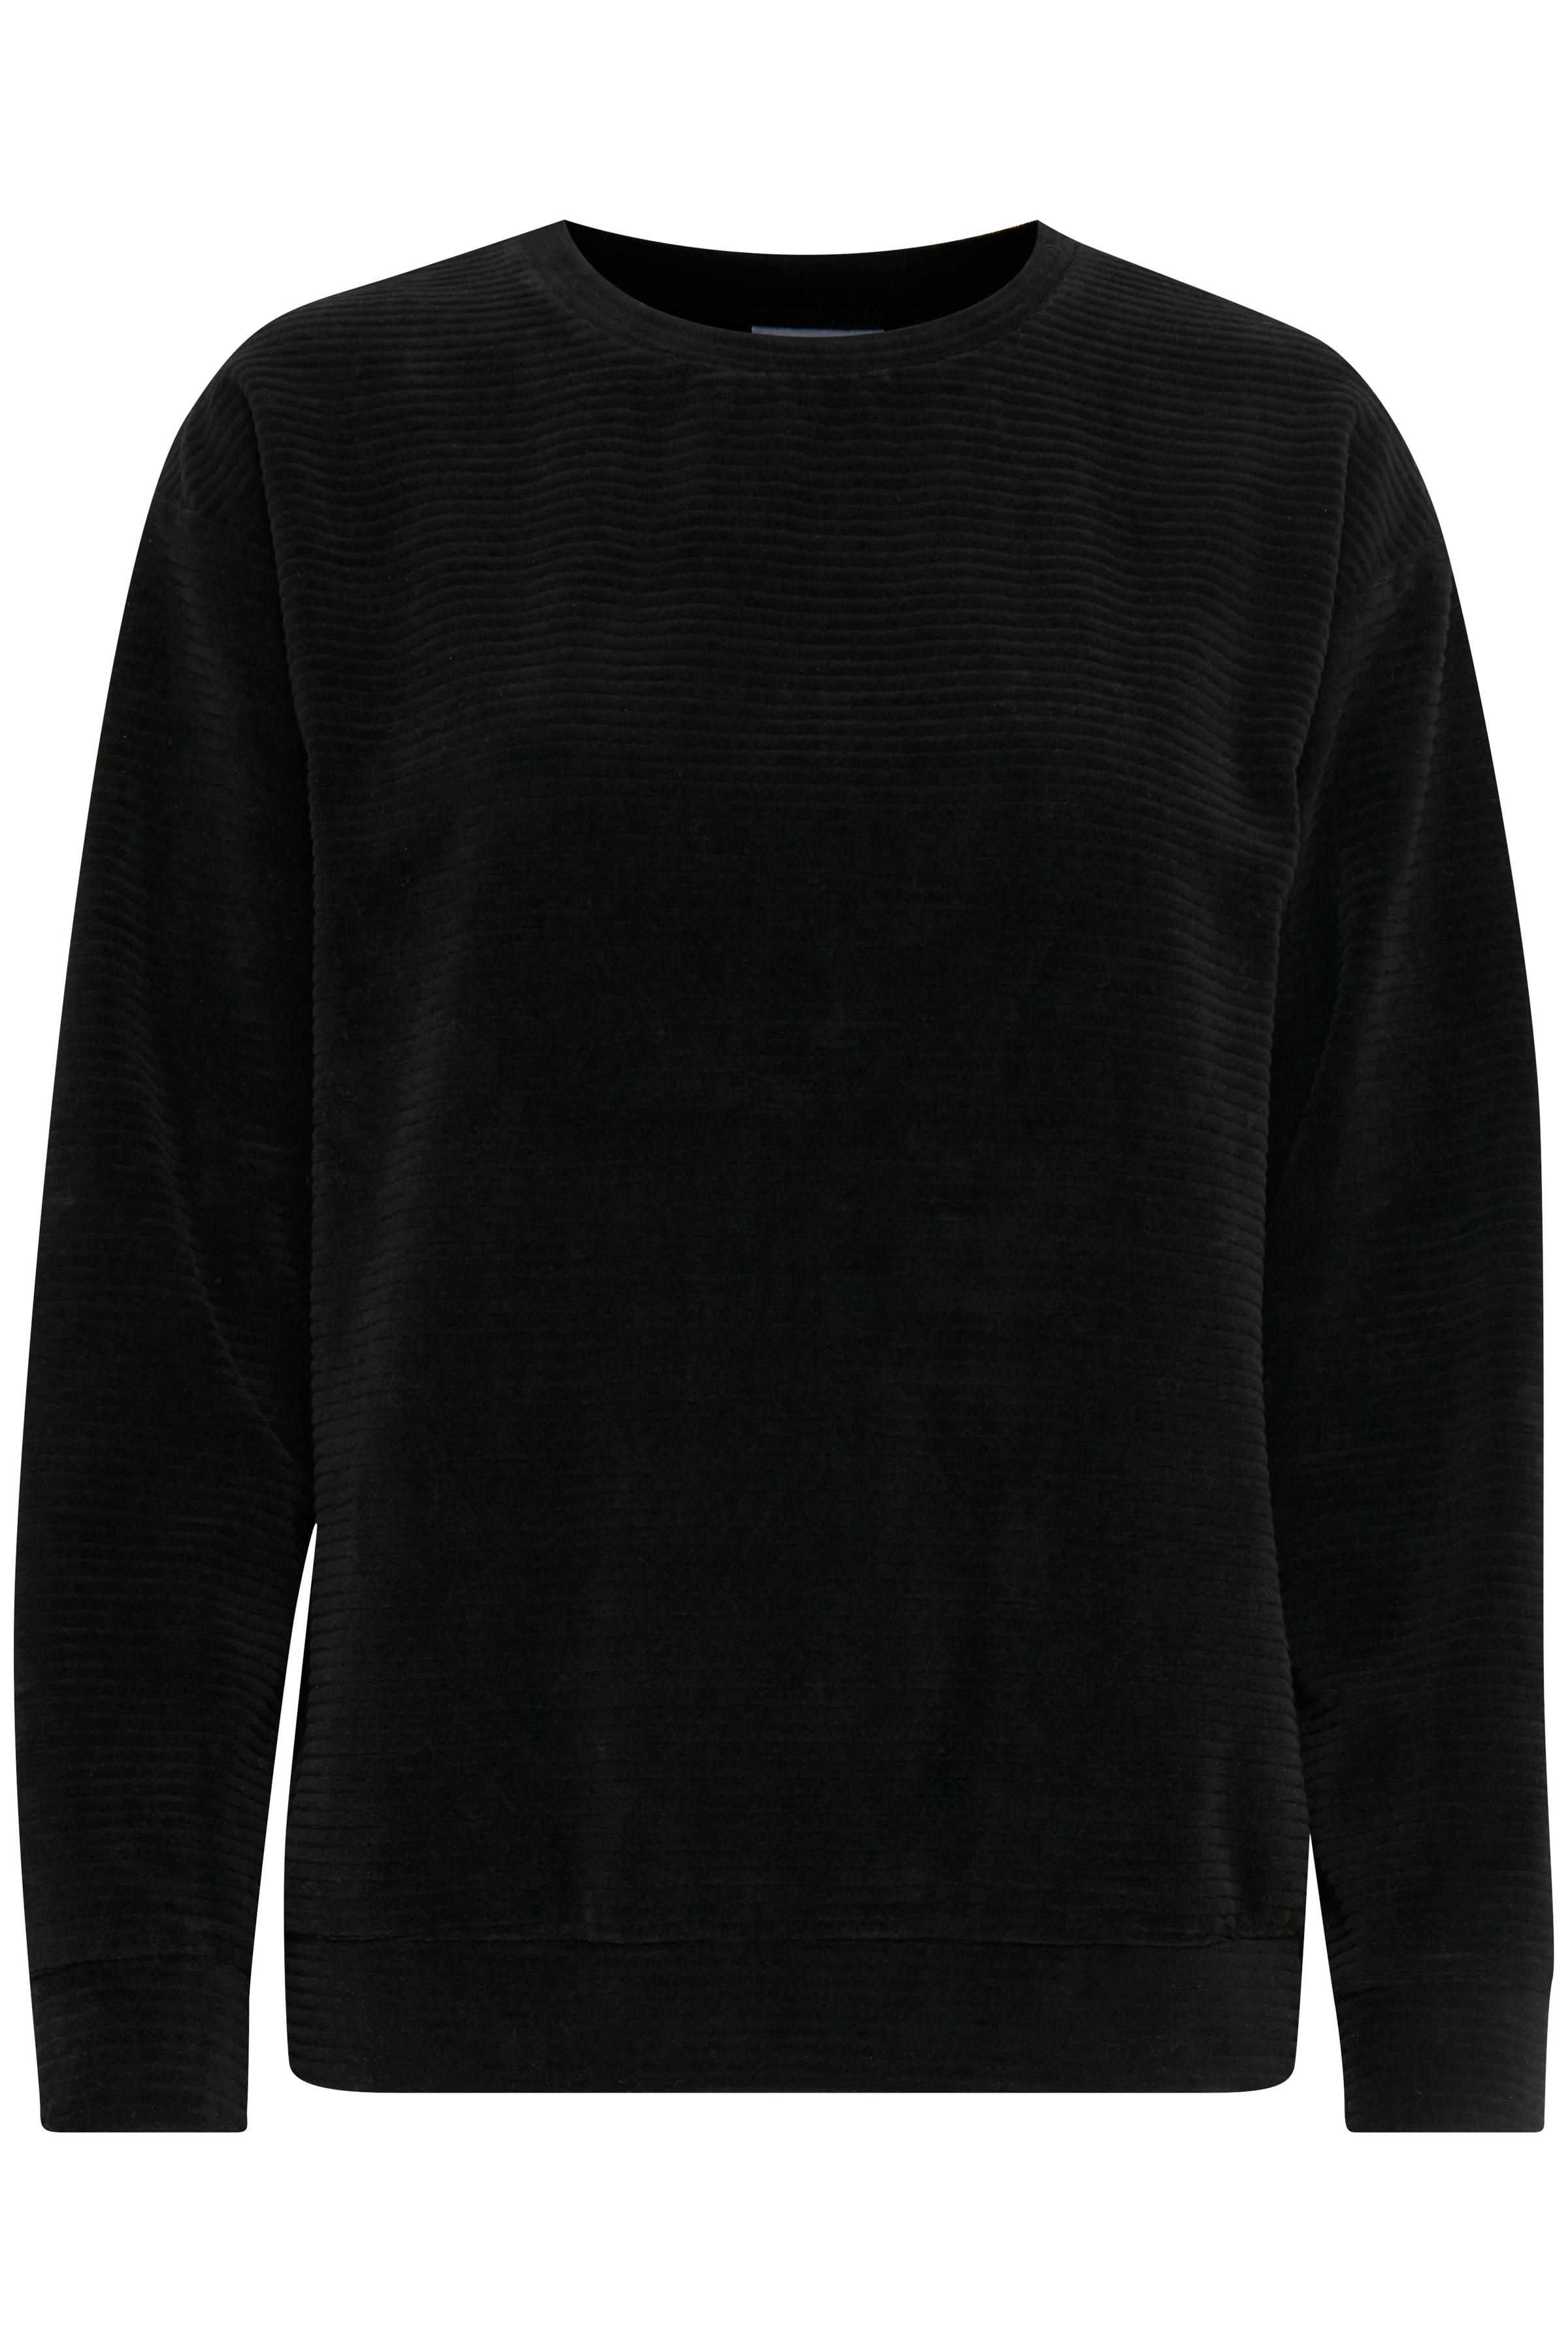 Black Strickpullover von b.young – Kaufen Sie Black Strickpullover aus Größe XS-L hier